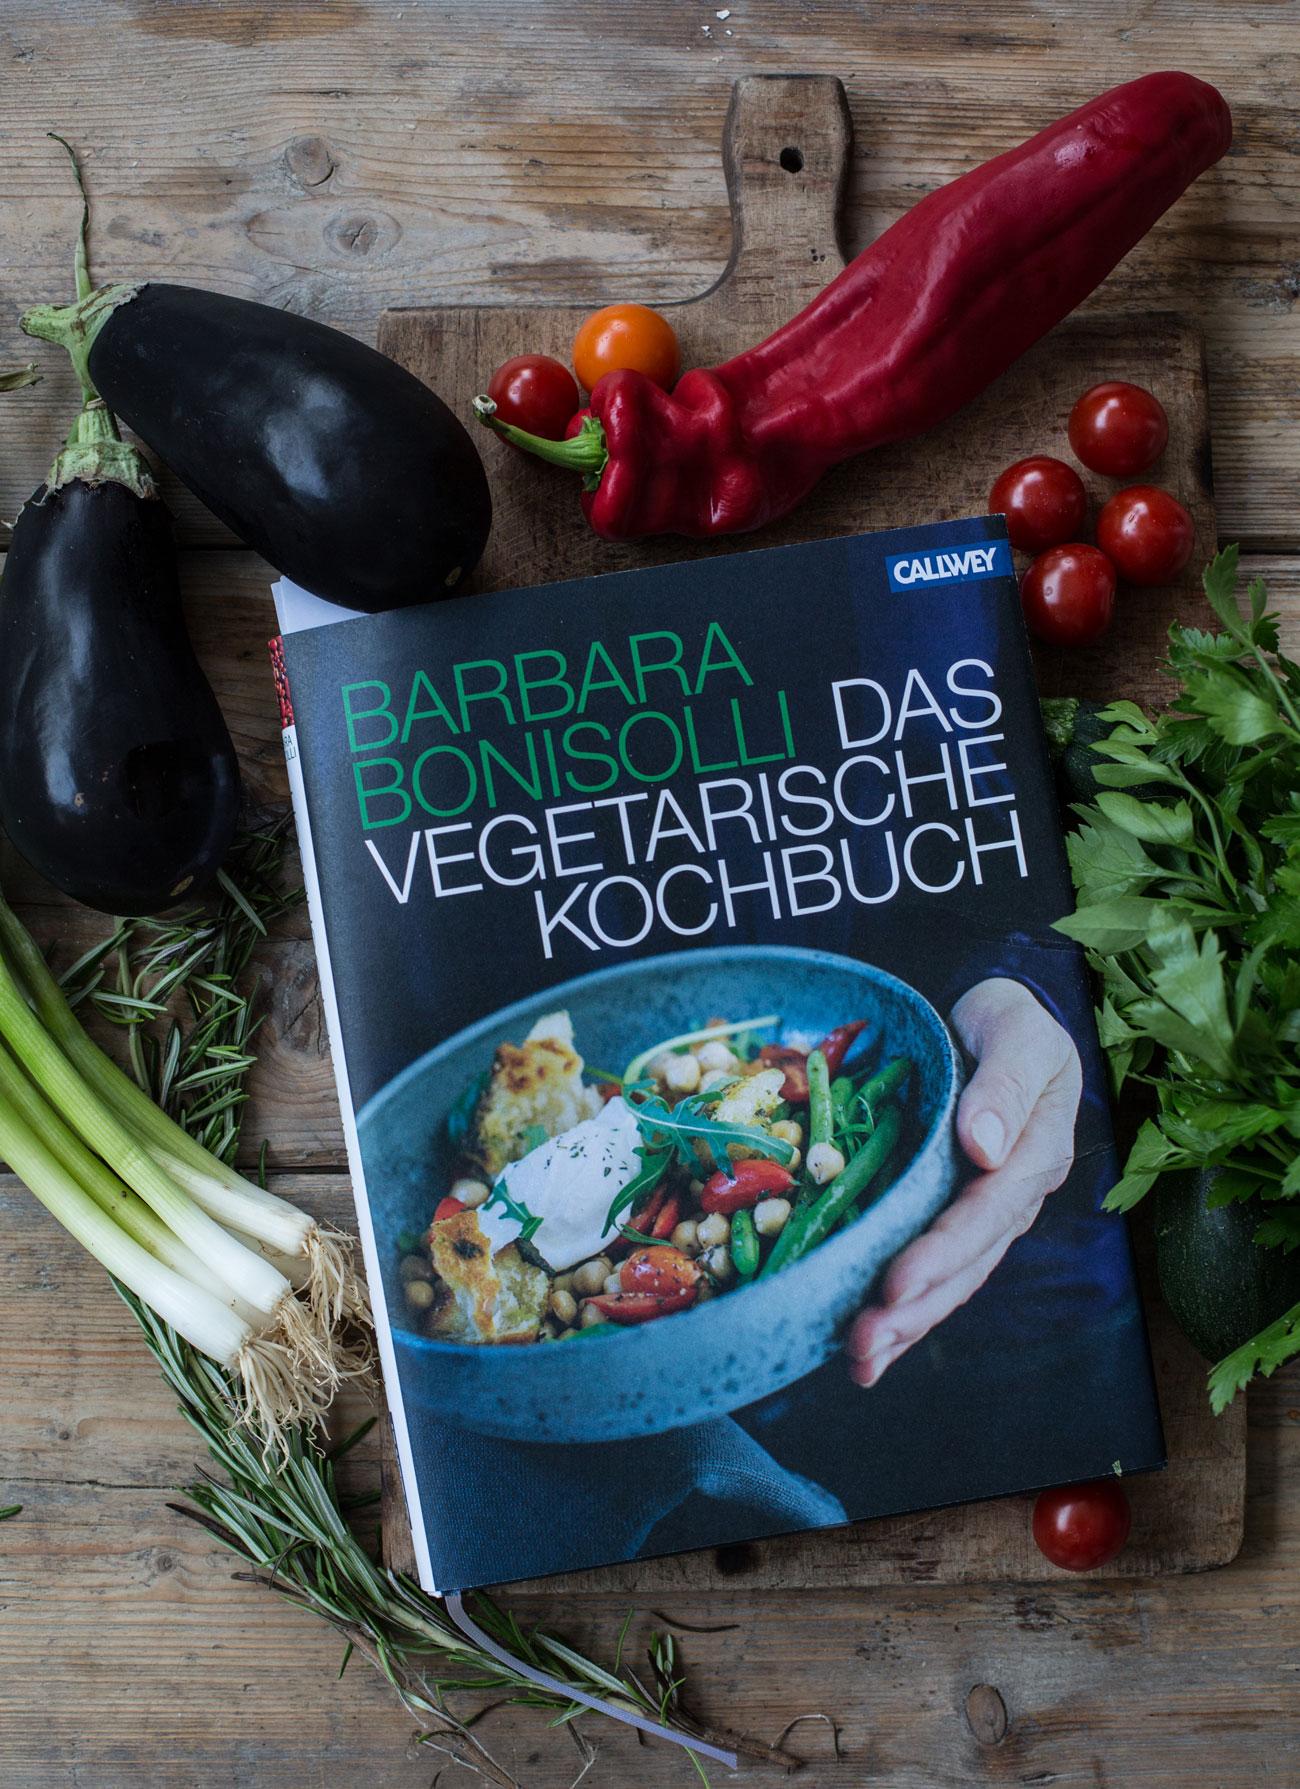 Bonisolli-das-vegetarische-Kochbuch